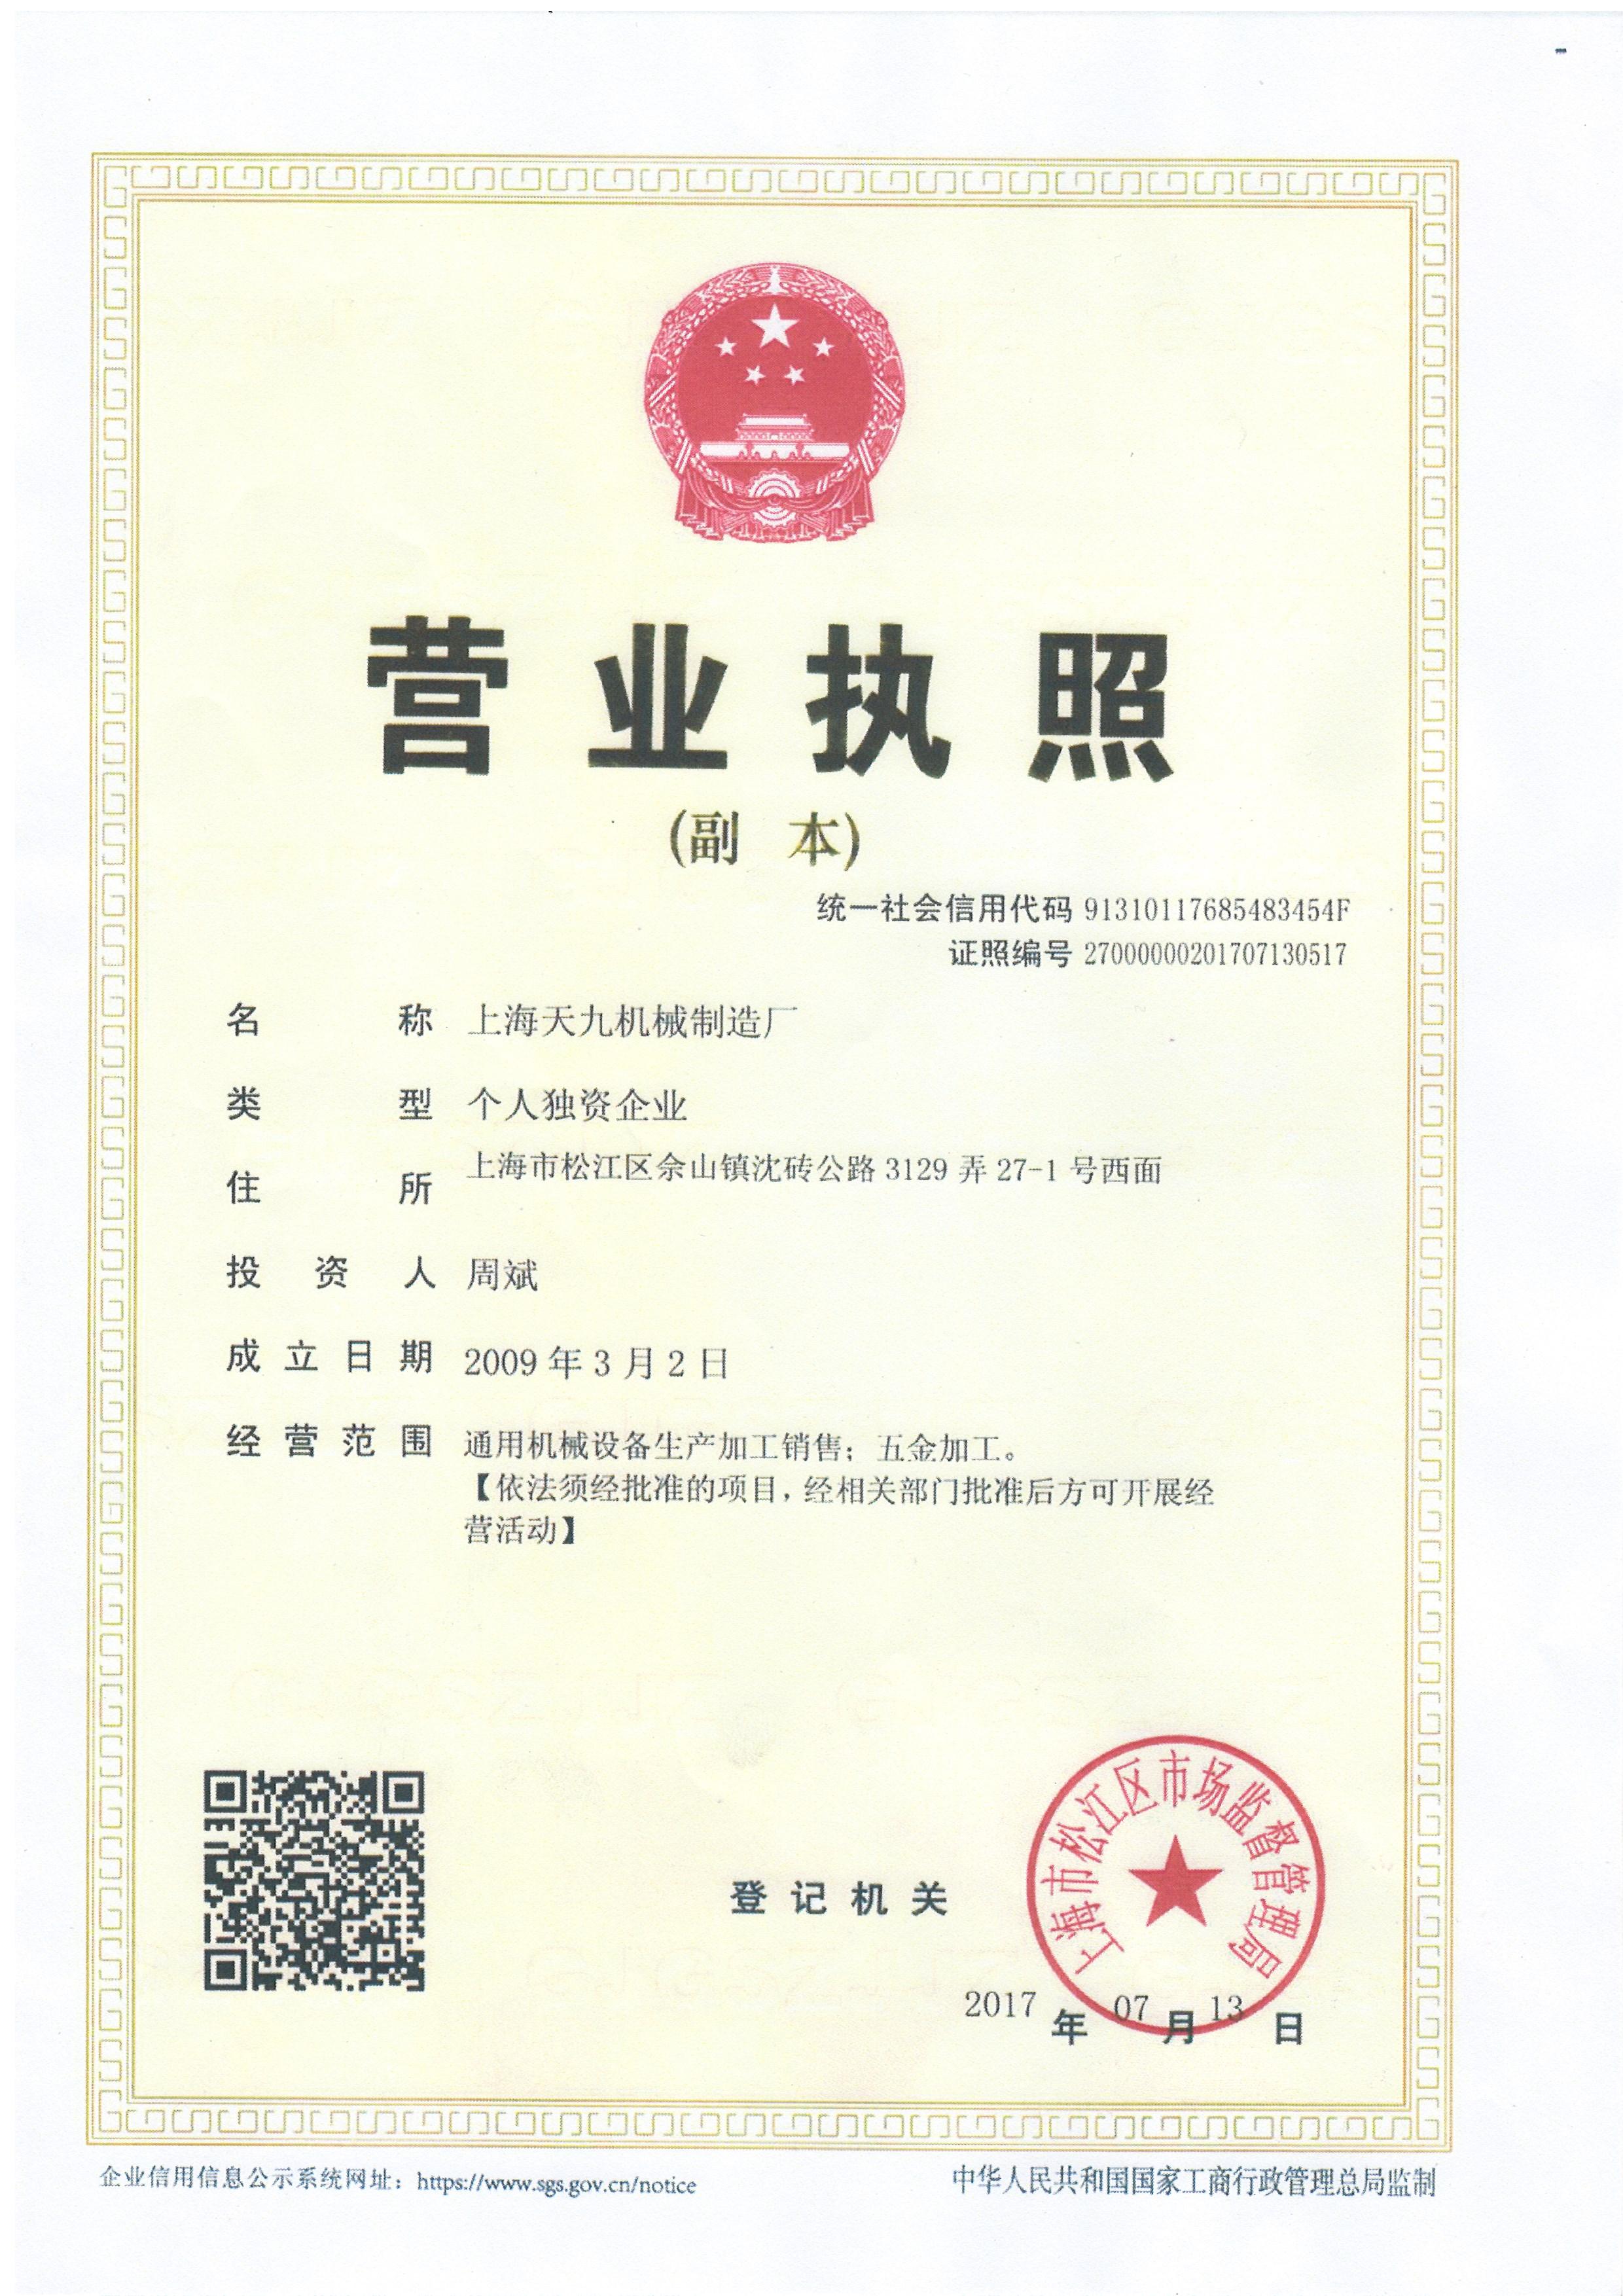 上海天九机械三证合一新件扫描件